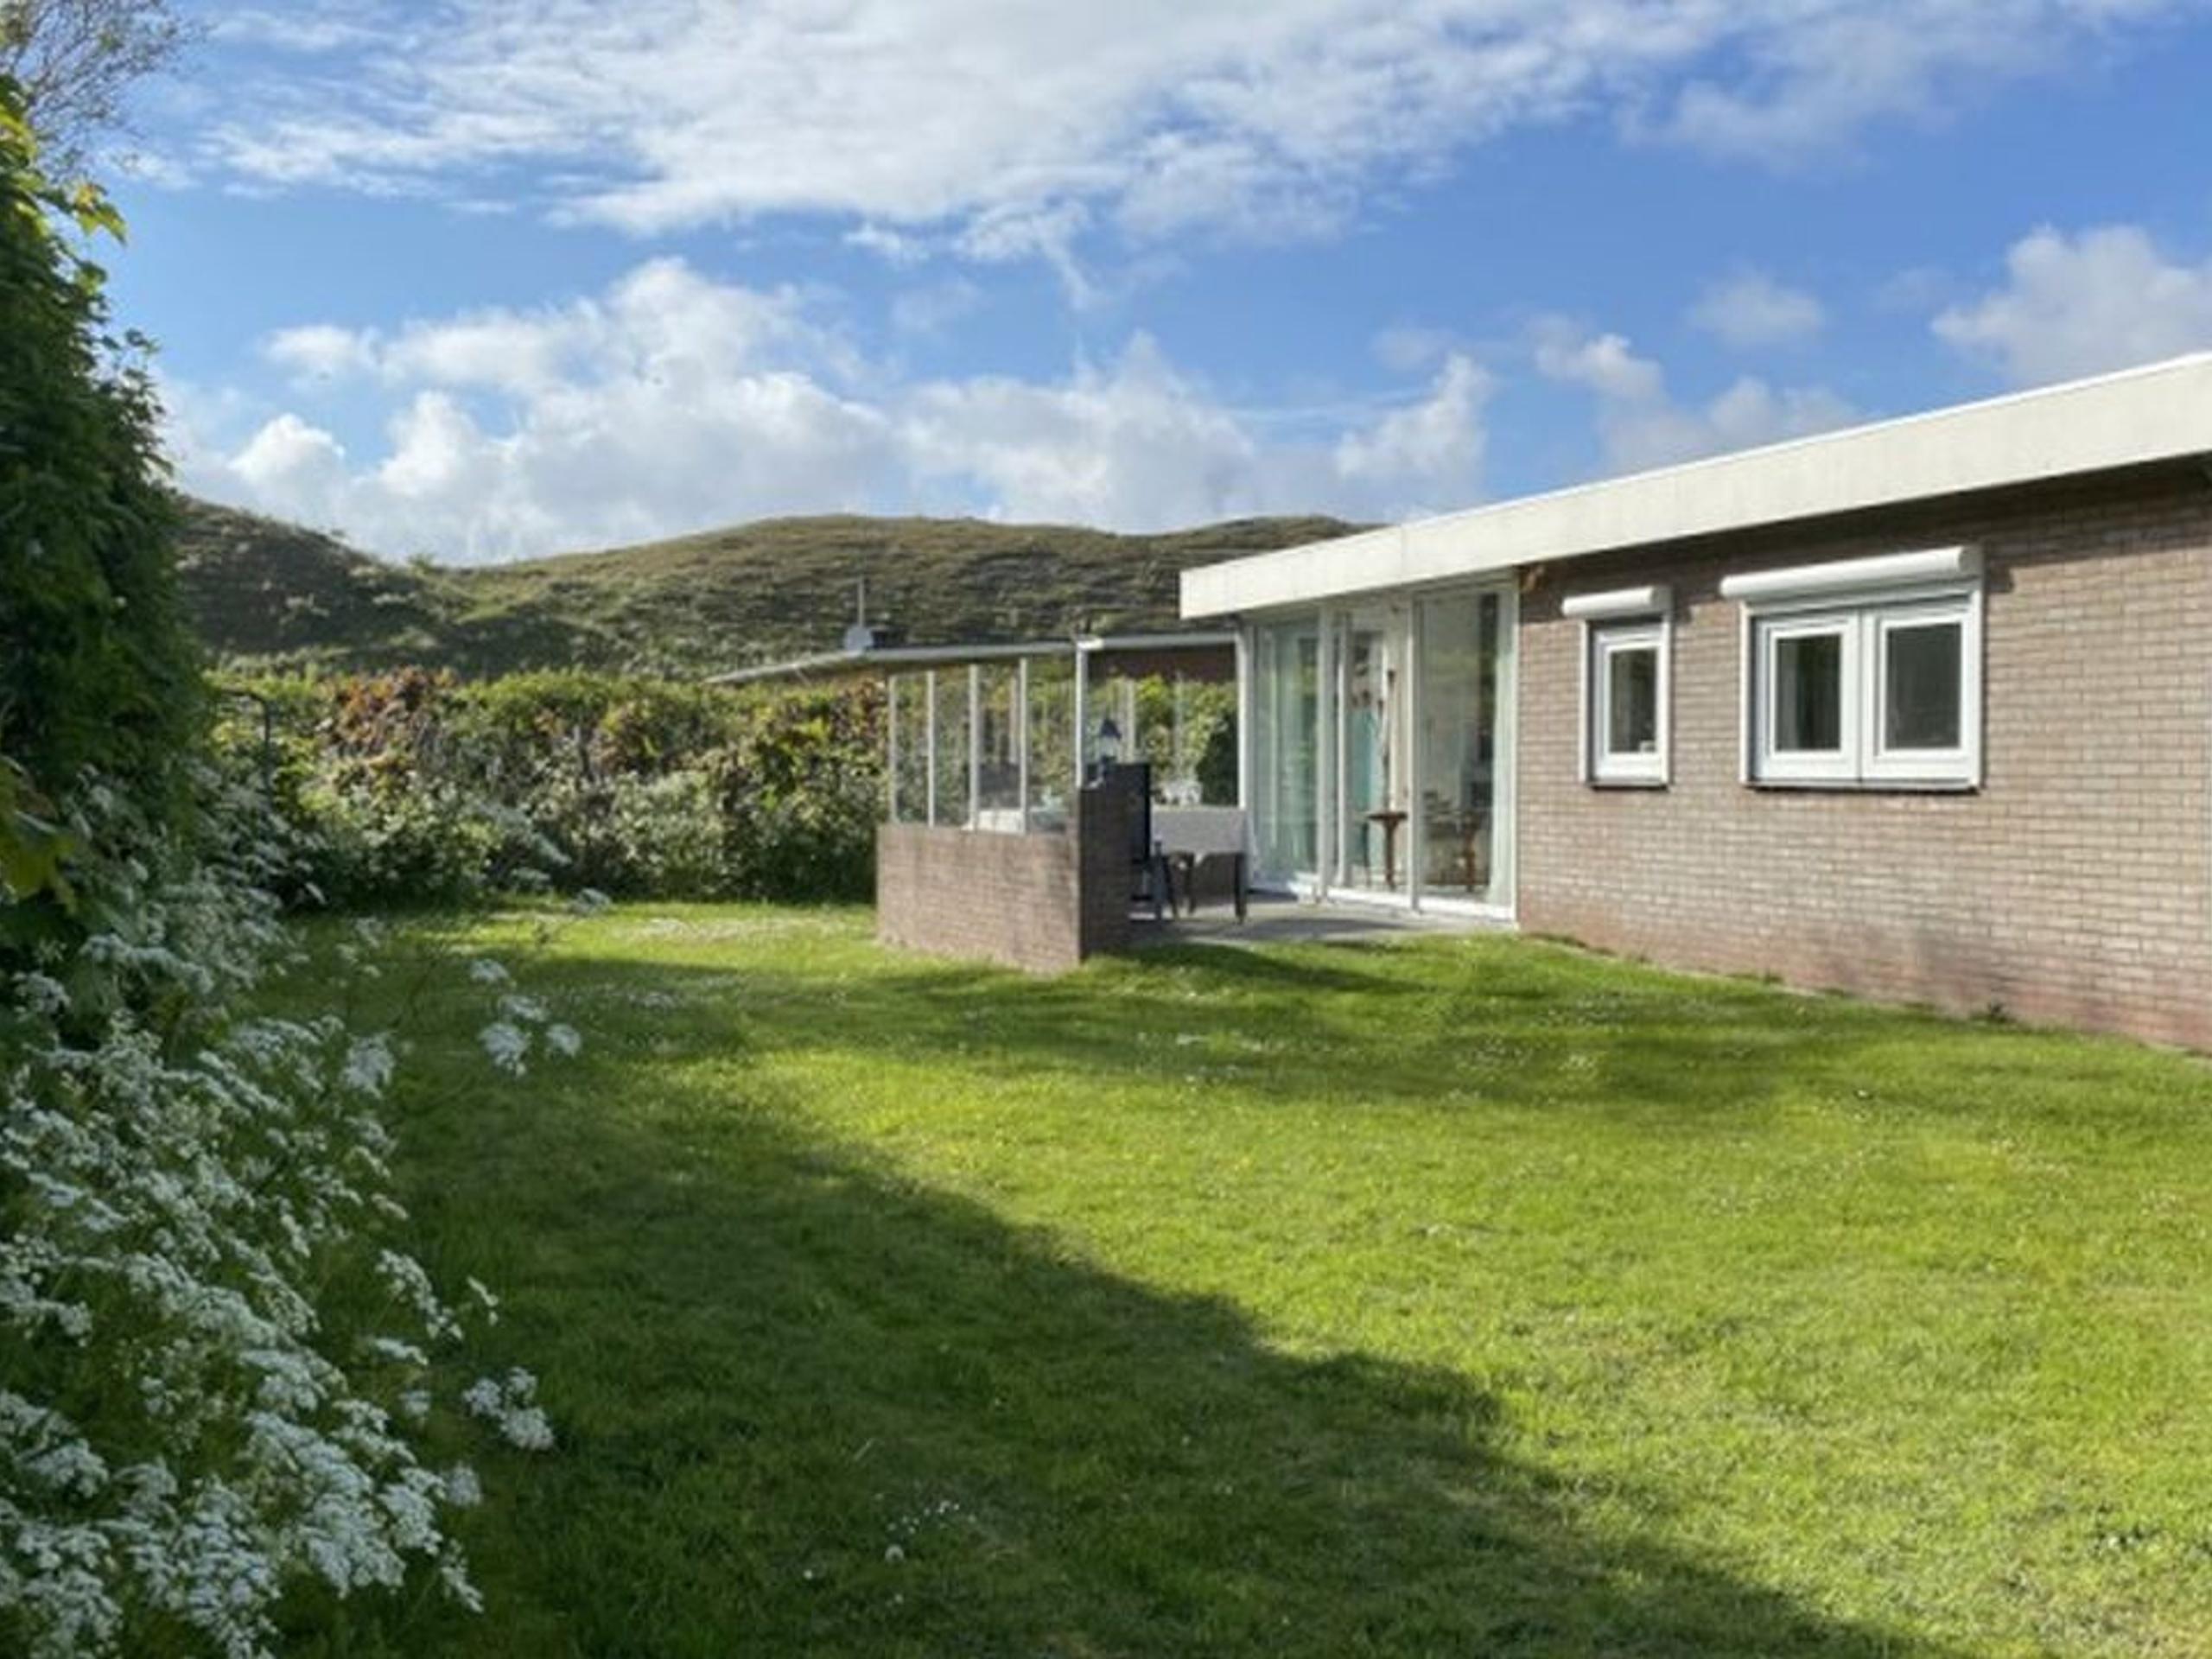 Gezellig ingerichte bungalow in de buurt van Natuurgebied de Slufter.